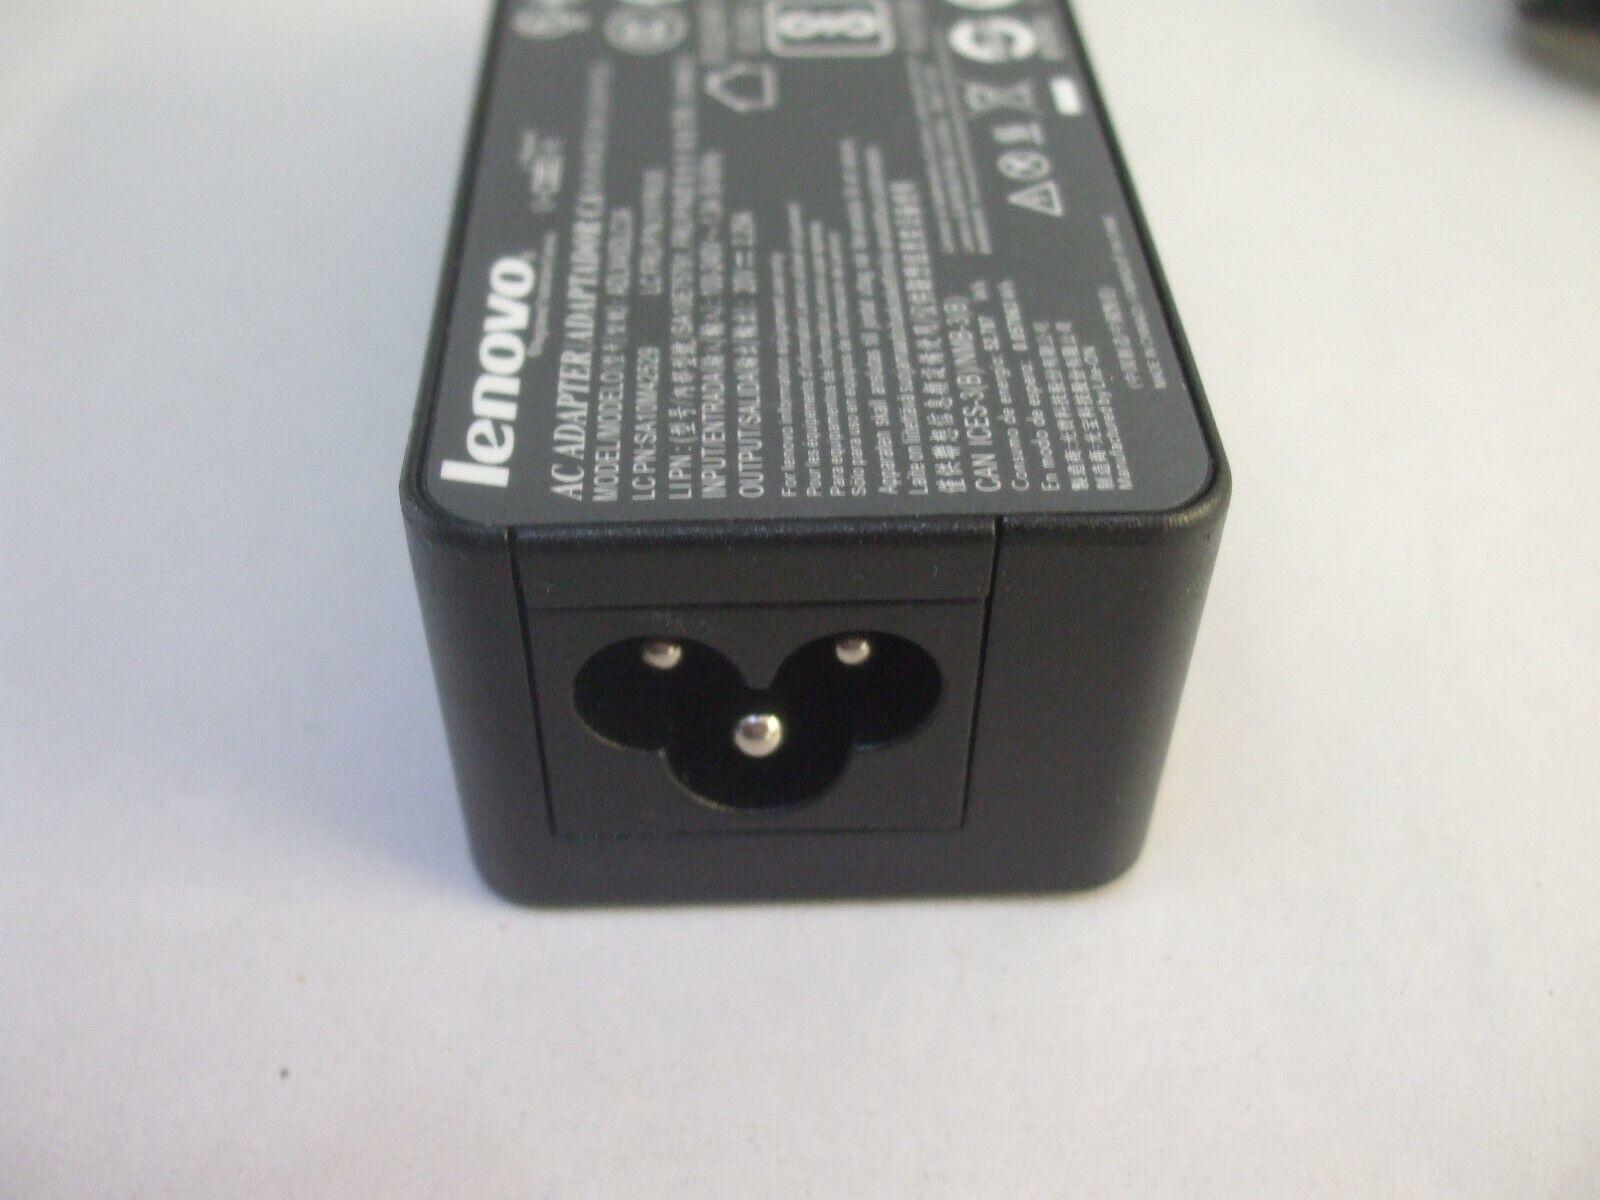 Lenovo AC Adapter ADLX45DLC3A - Output 20v-2 25a Ref T2489